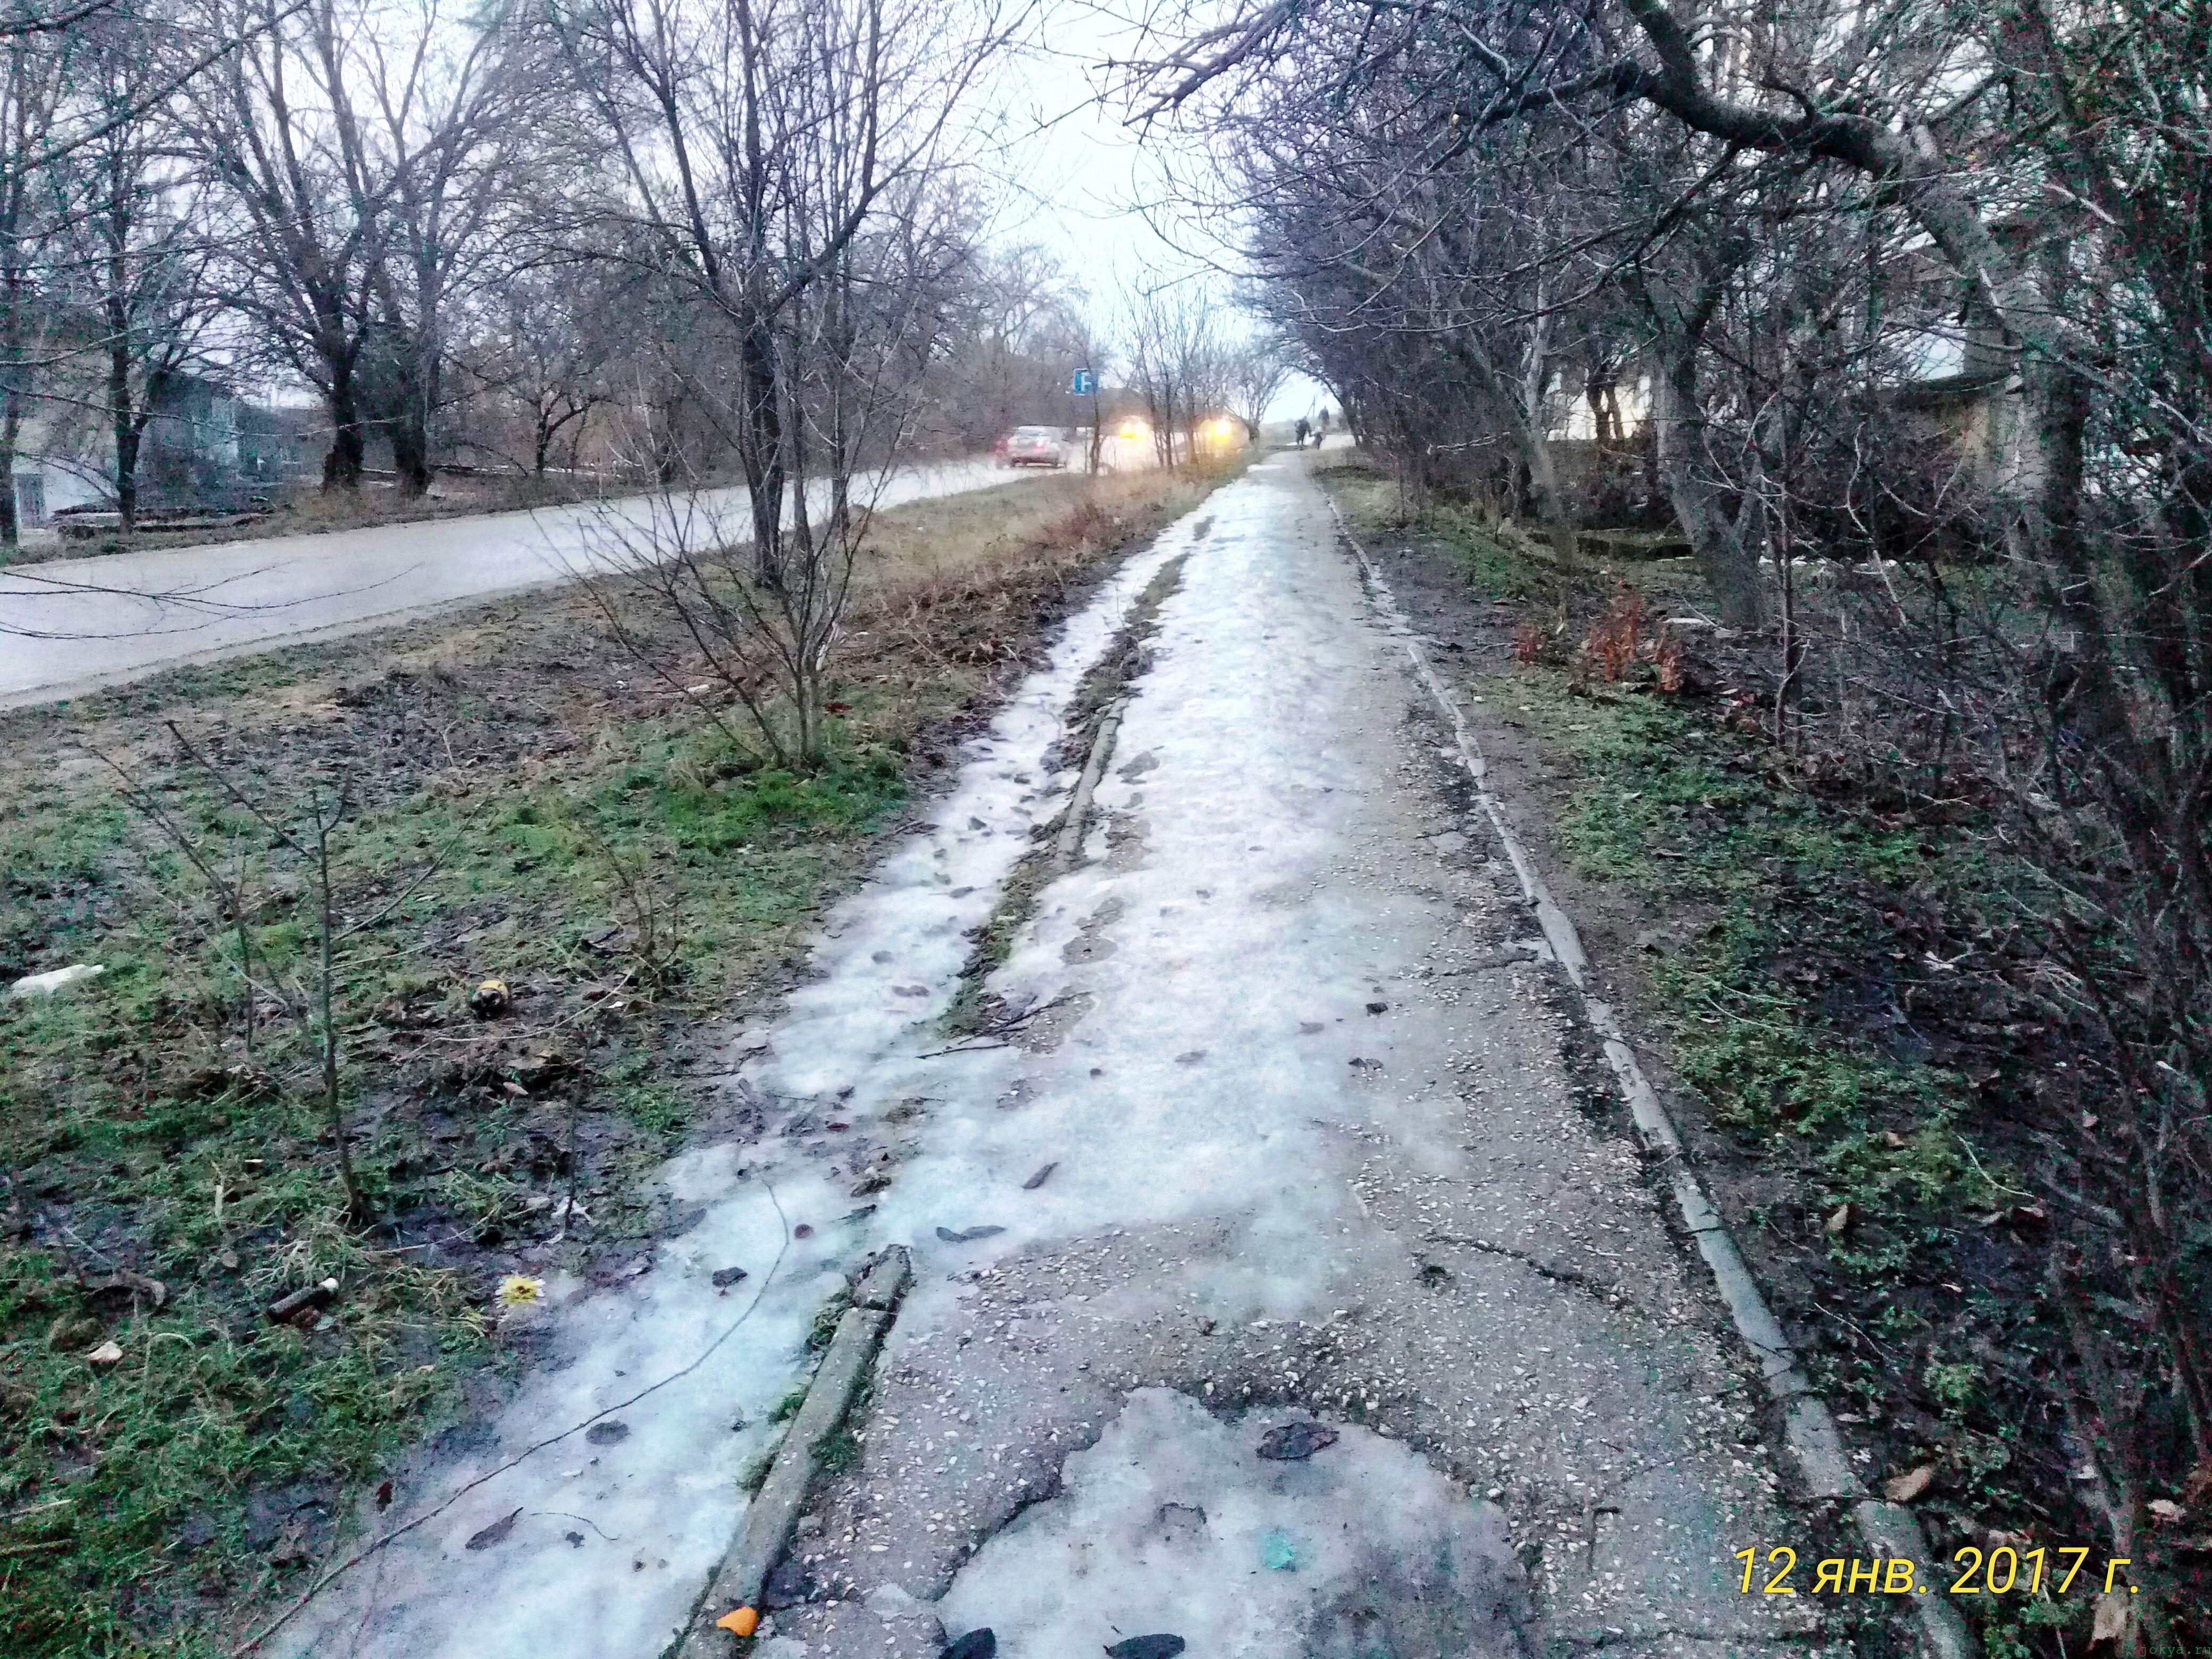 Утро 11 и 12 января 2017 года: Крым январь 2017.01.15 фото заметка о моей реальности в Крыму jokya.ru